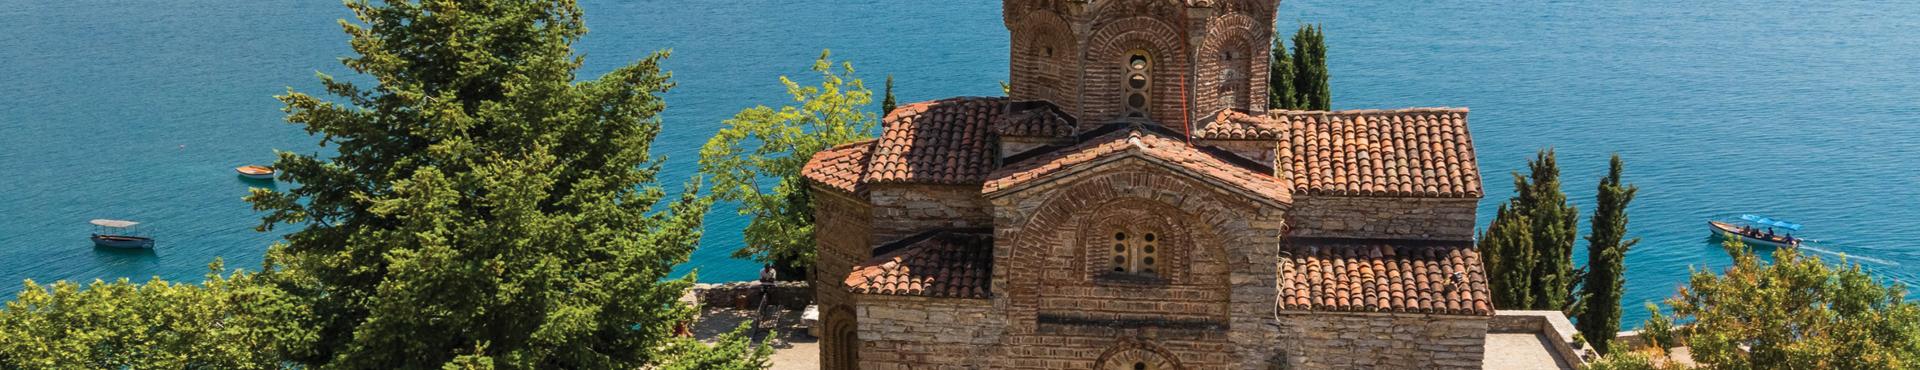 טיול מאורגן לבולגריה מקדוניה ויוון - אל מחוזות אלכסנדר מוקדון, פסגות הבלקן, שמורות טבע  ומורשת יהודית